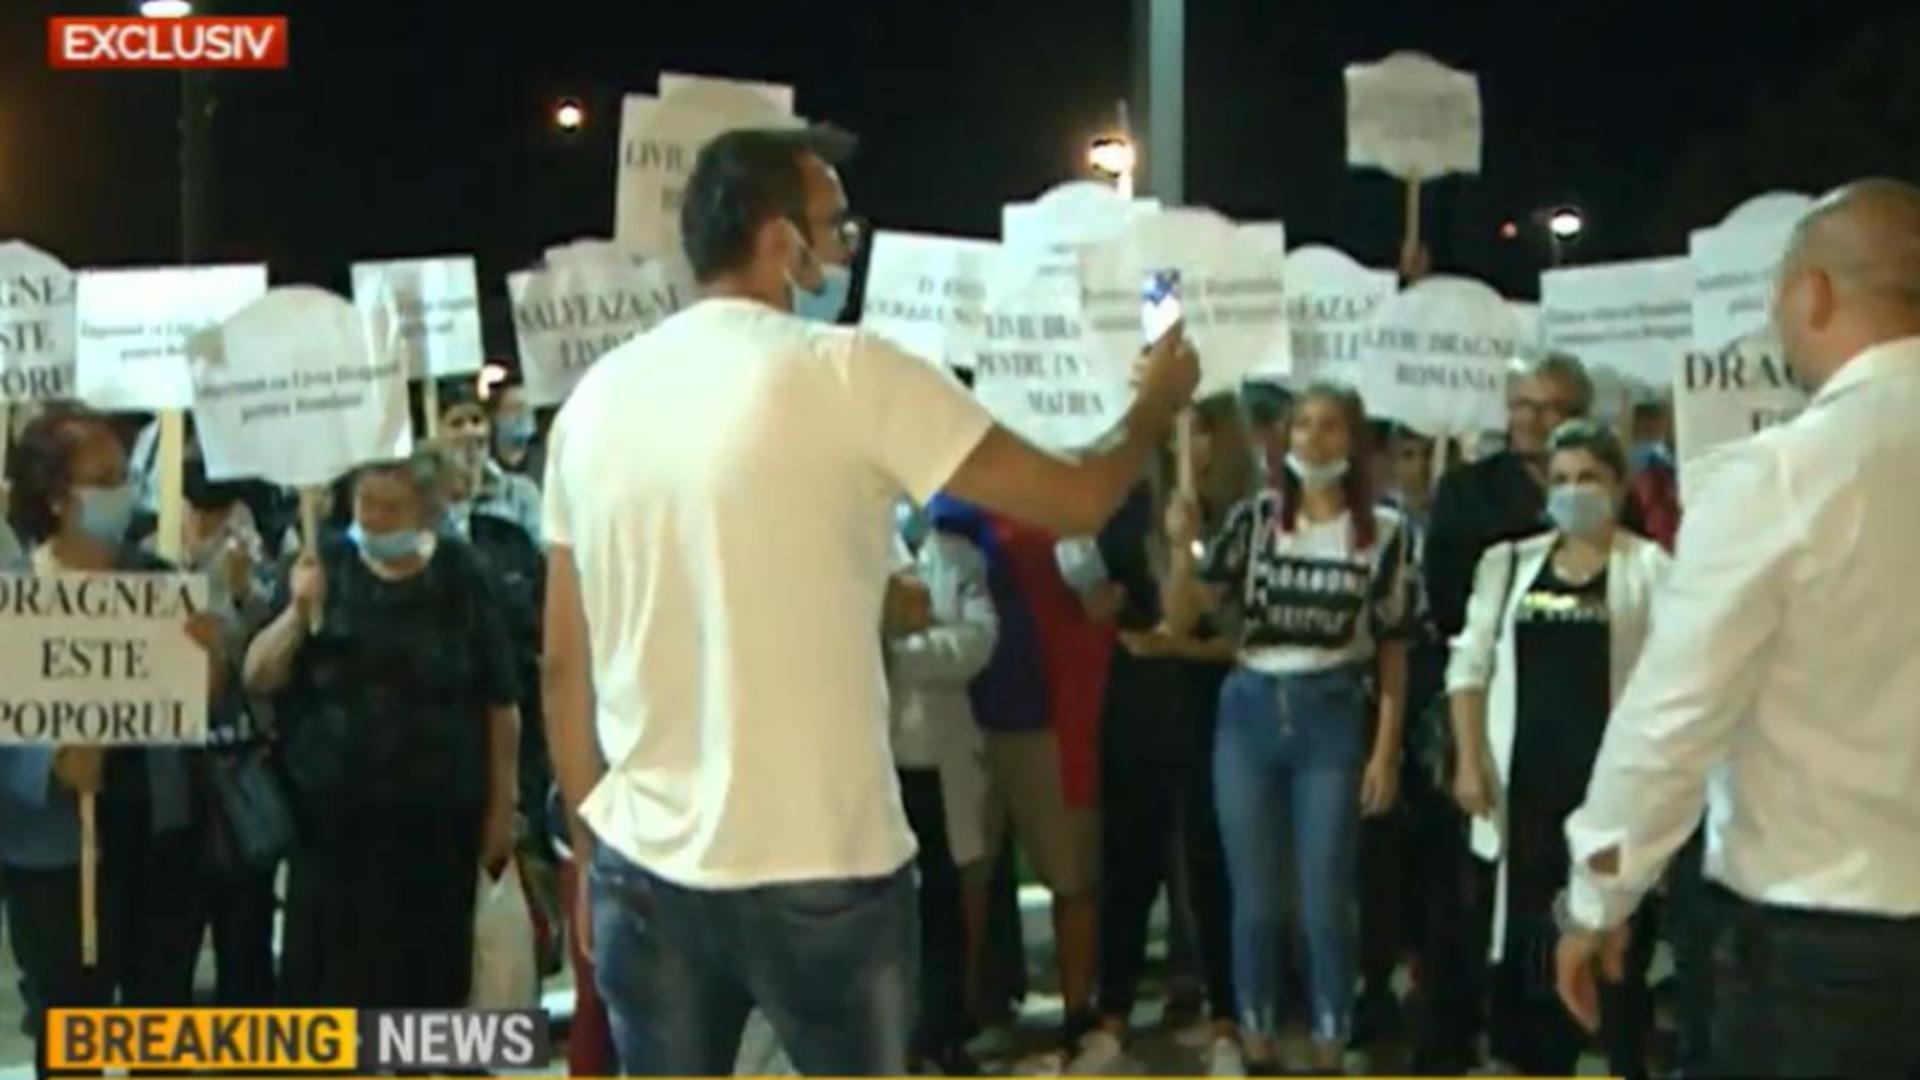 Susținătorii lui Liviu Dragnea, în fața sediului Realitatea PLUS